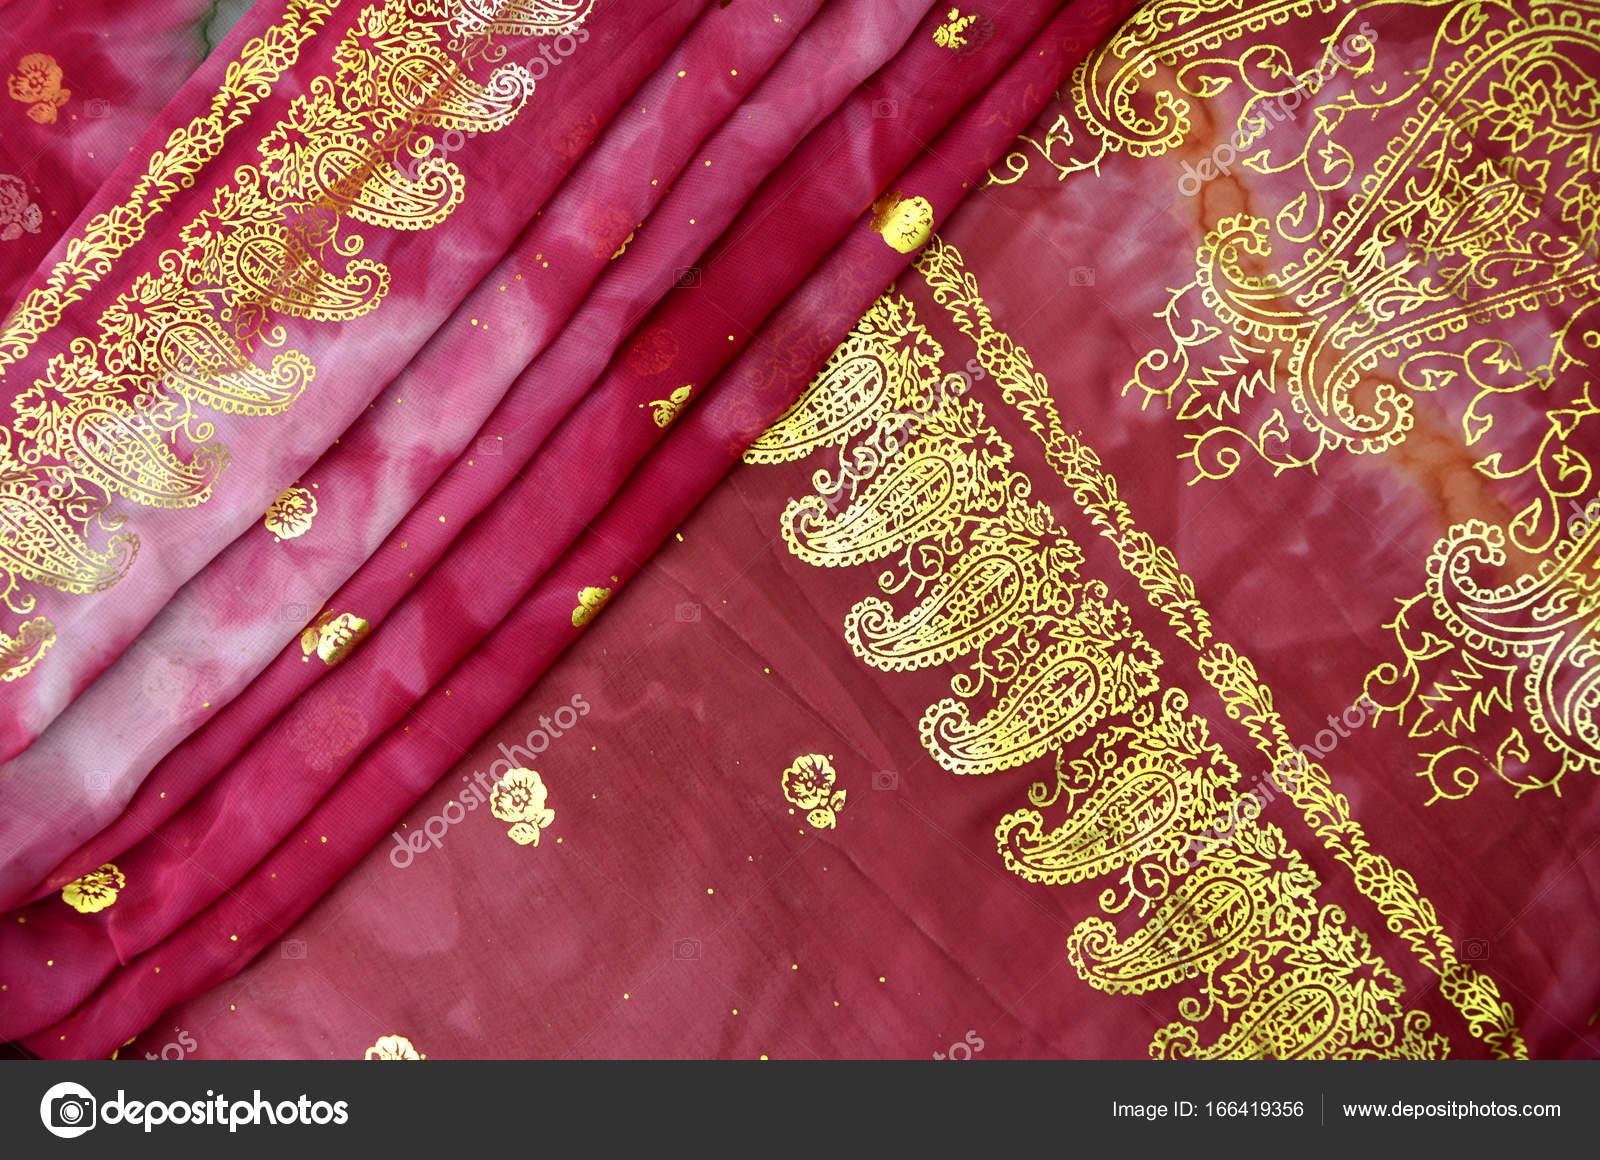 Piegato Sari Indiano Rosa Magenta Con Oro Paisley Pattern Border